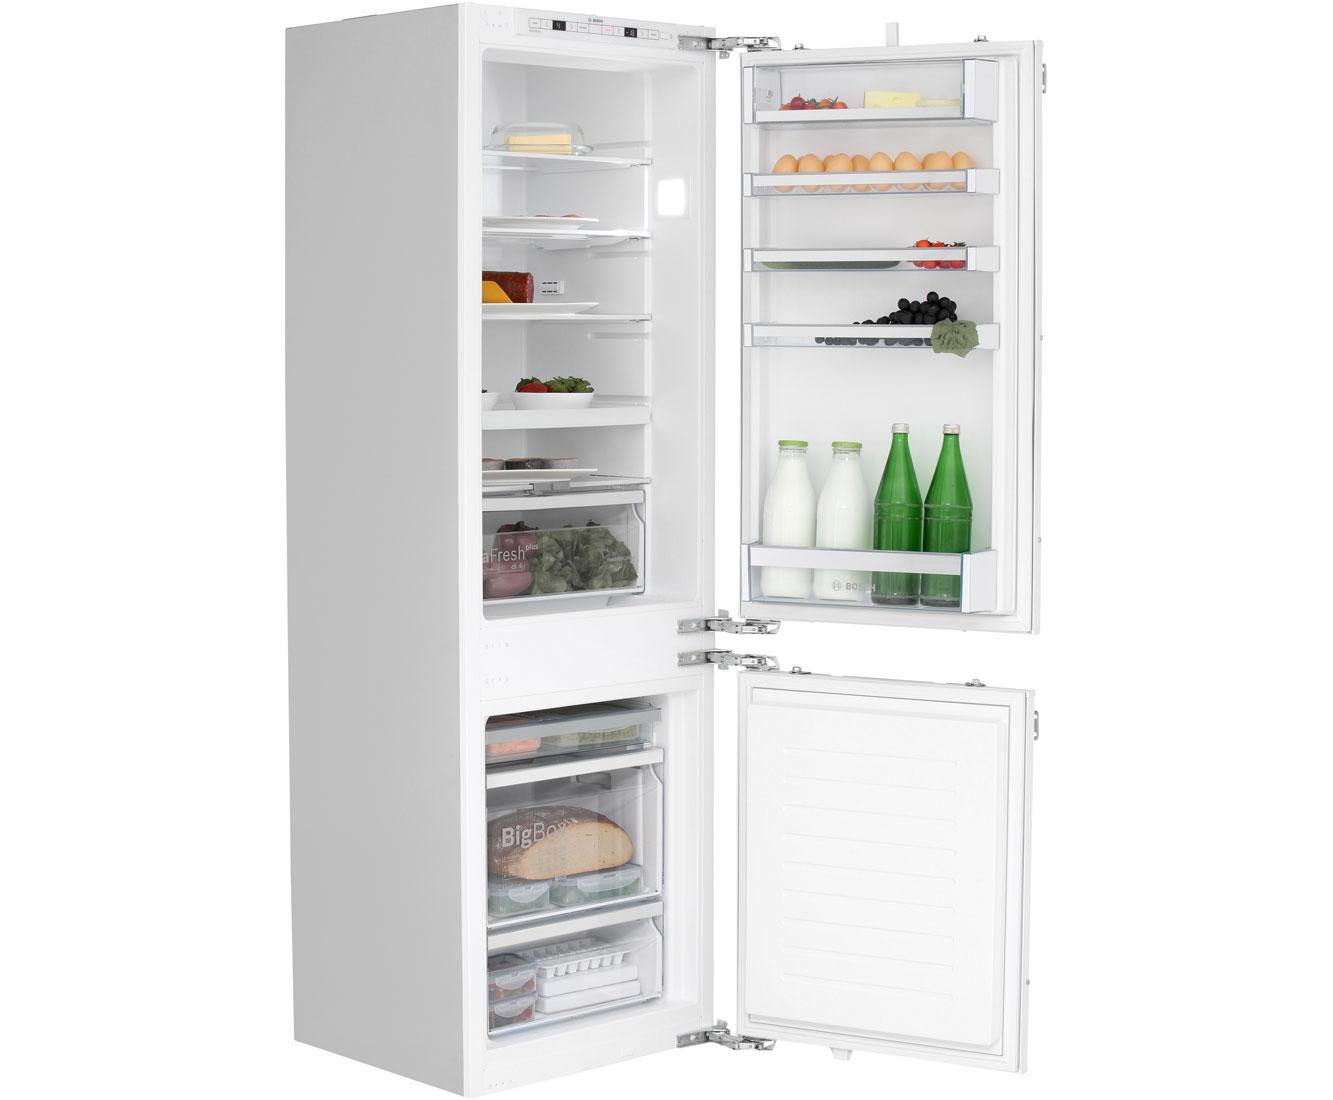 Aeg Kühlschrank 158 Cm : Einbau kühl gefrierkombination a preisvergleich u2022 die besten